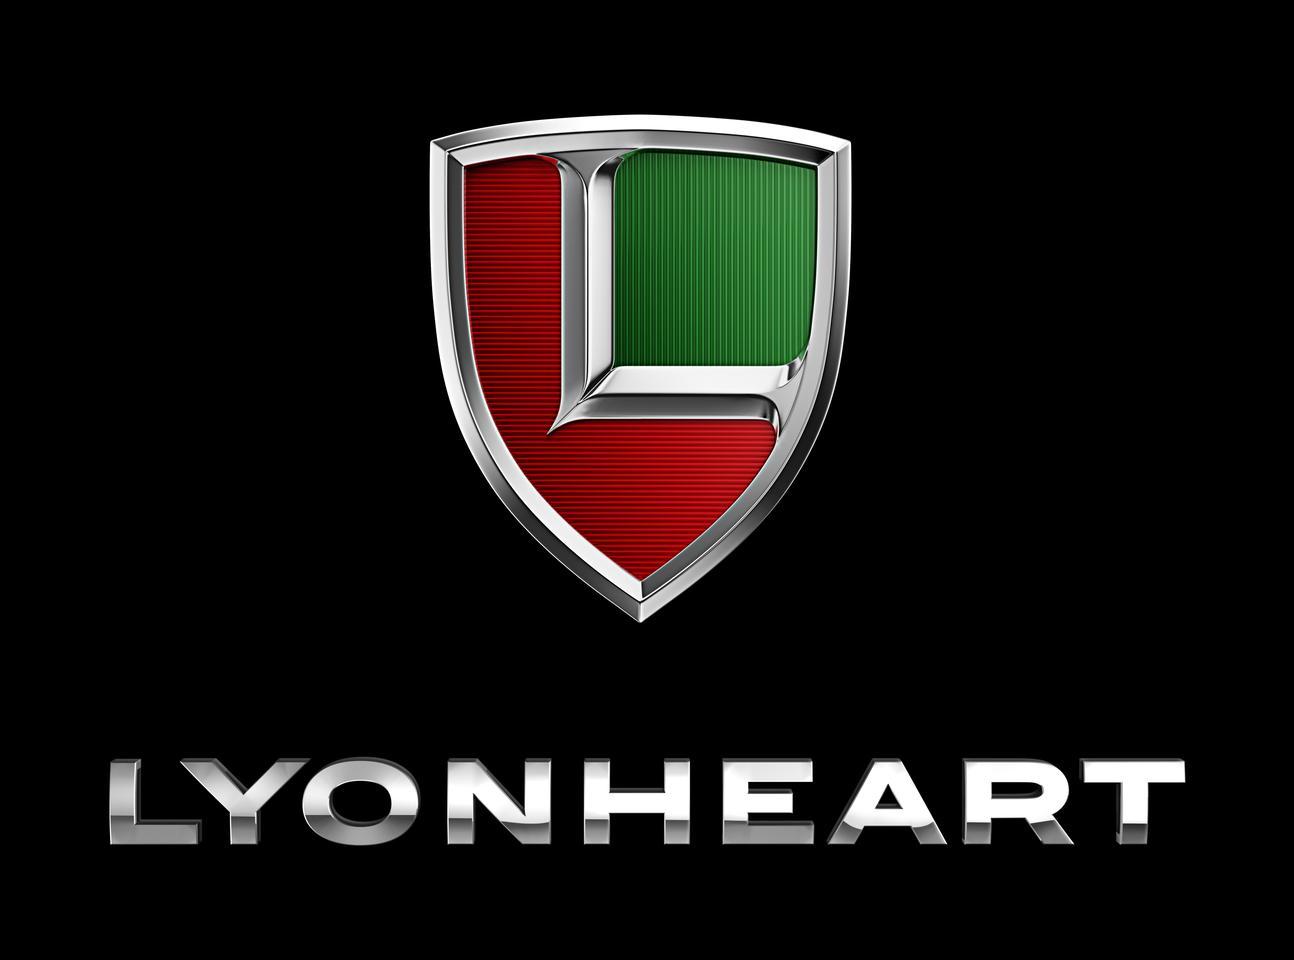 The Lyonheart logo